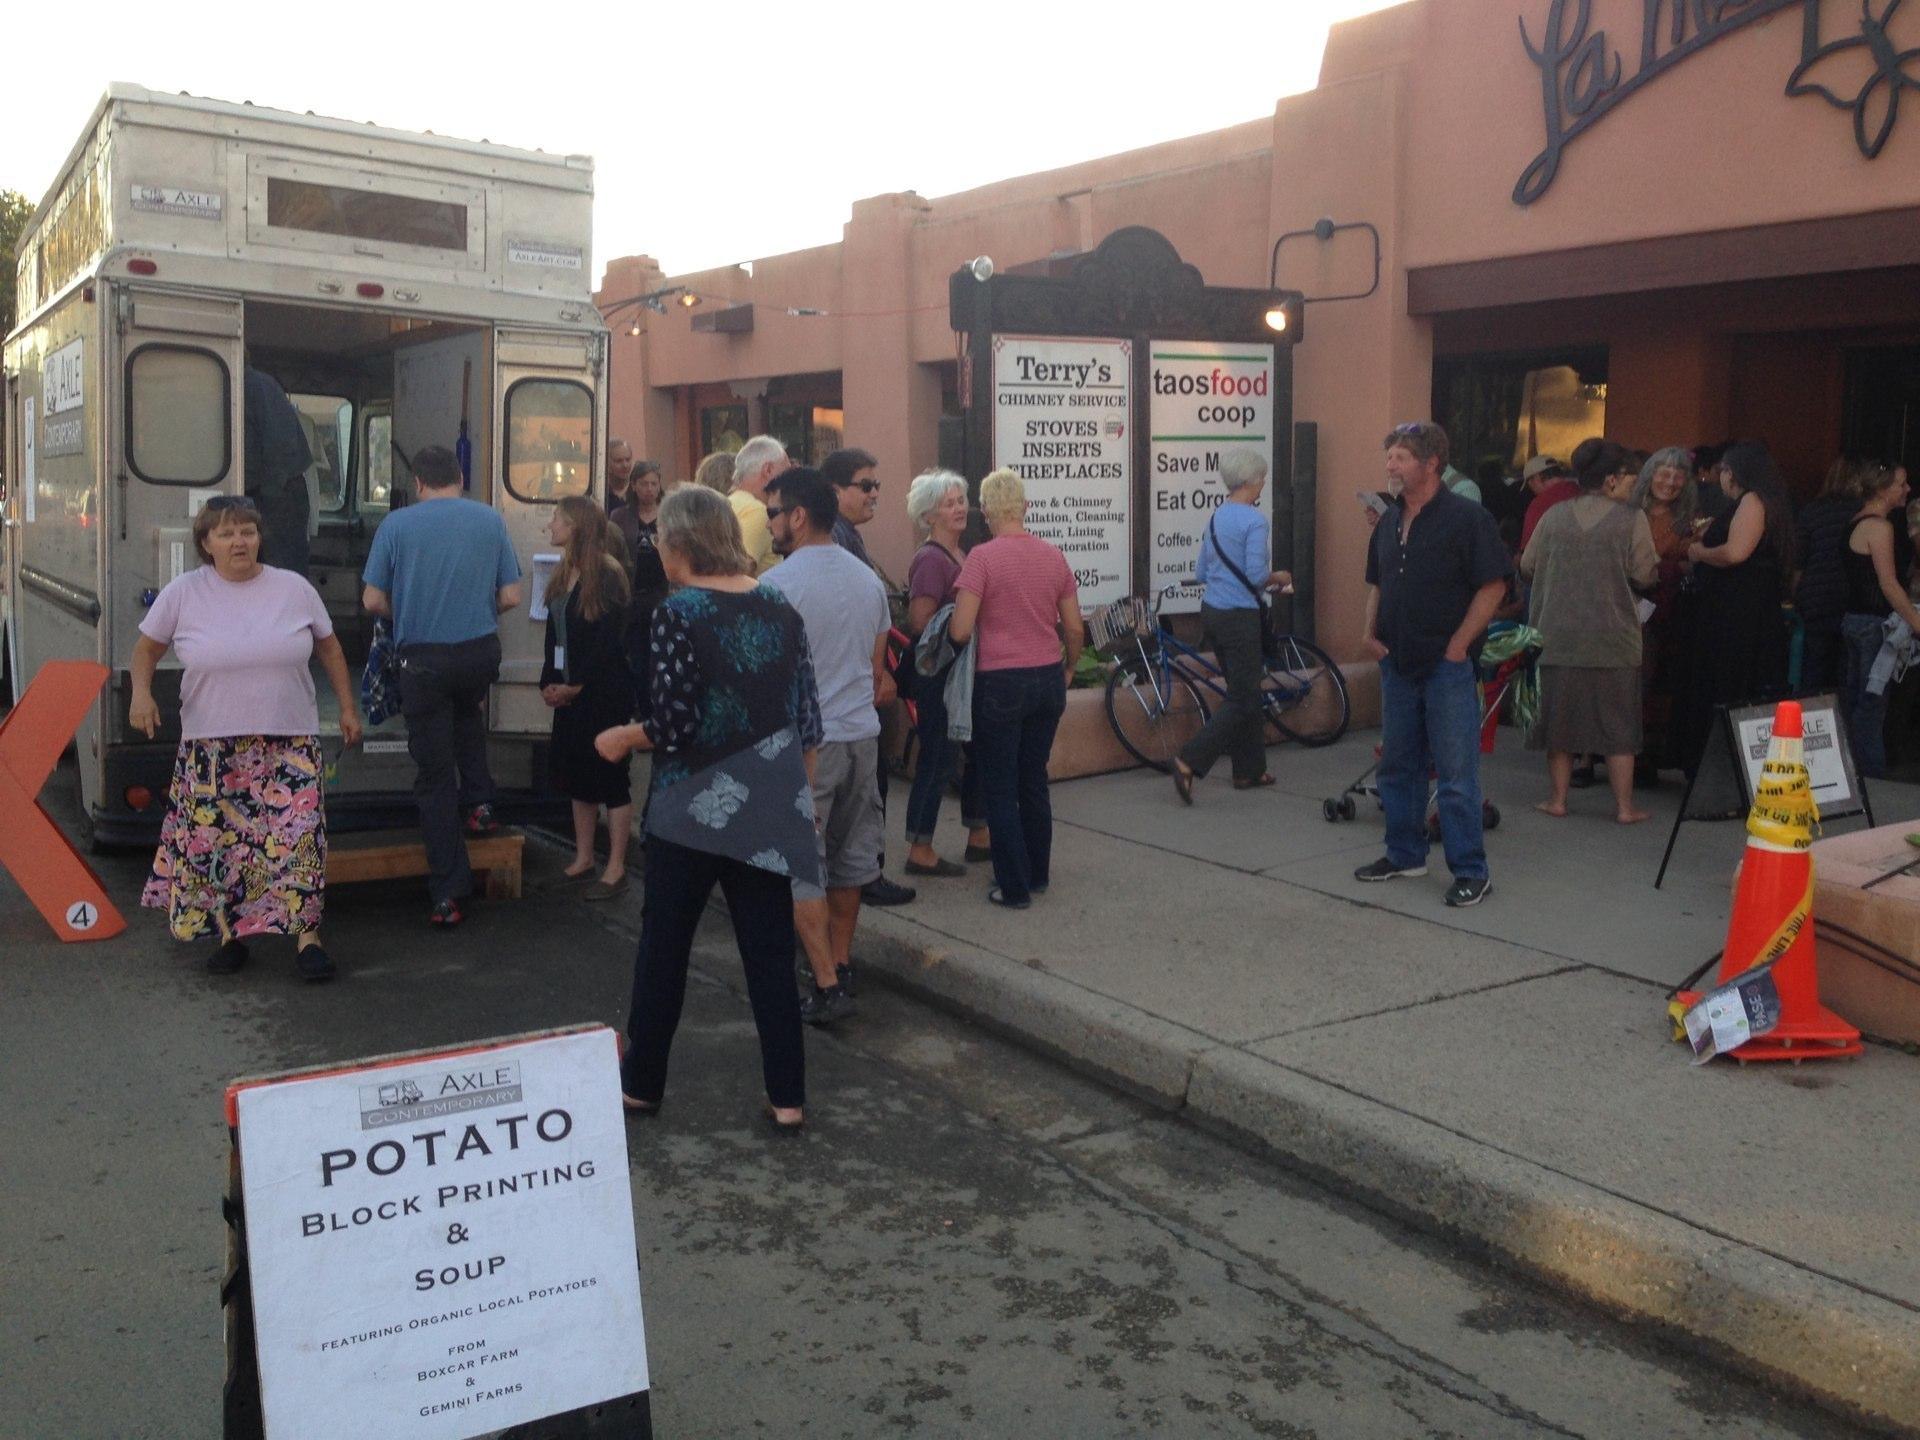 Axle Contemporary Potato Project